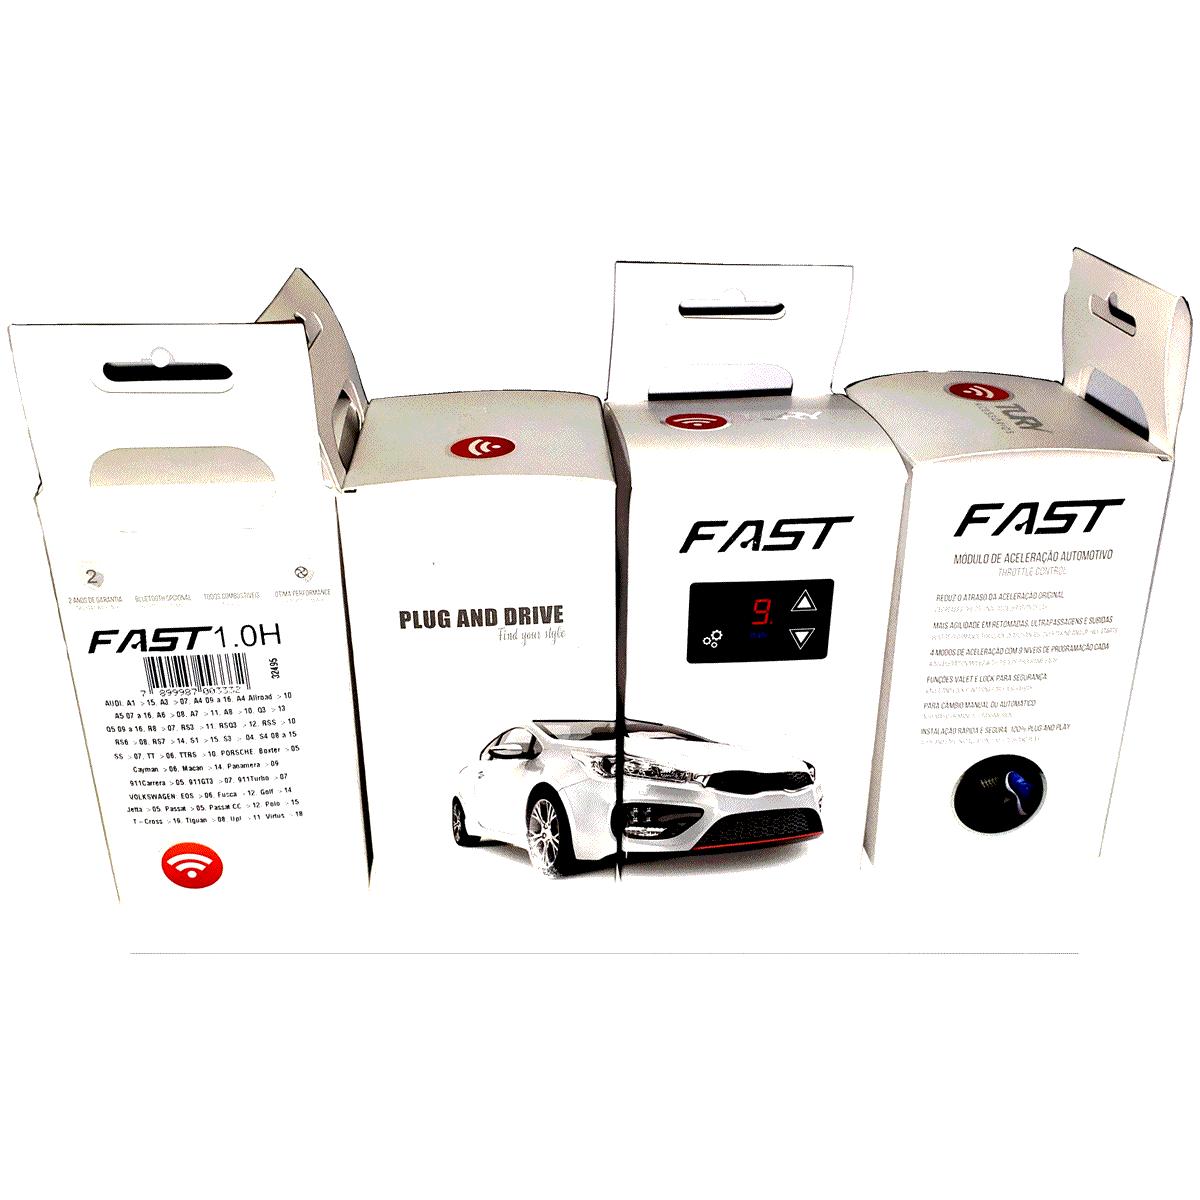 Fast 1.0 J Hyundai e Kia Módulo Acelerador Plug & Play